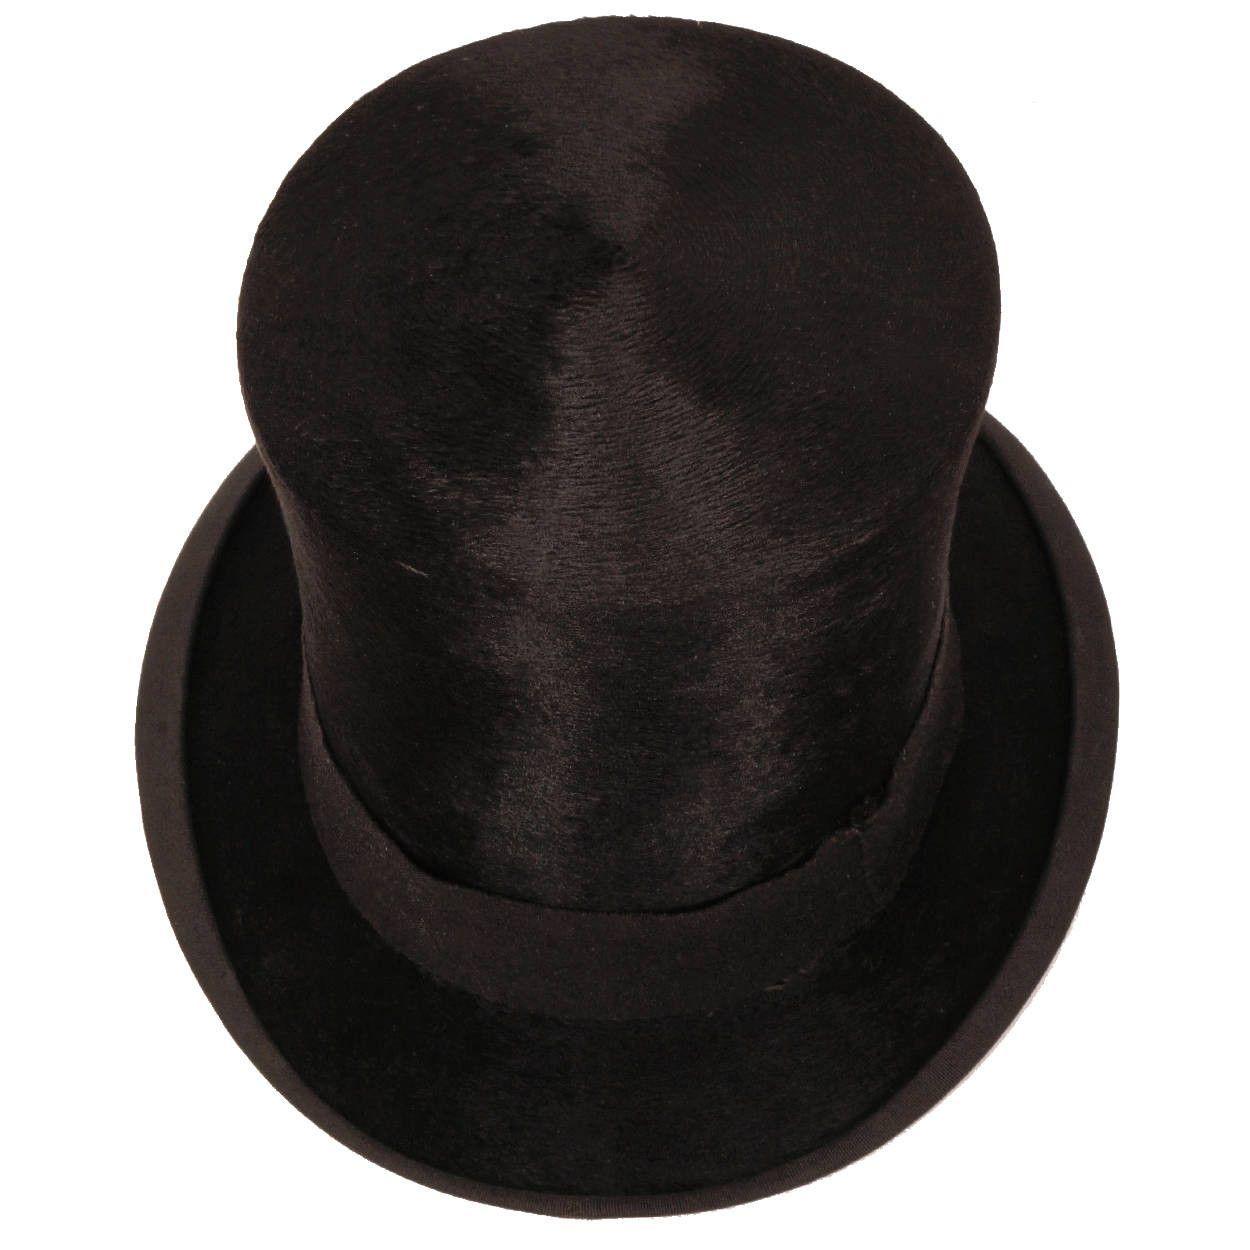 02fc88ae Antique Victorian Mens English Silk Plush Top Hat Medium 7 1/8 ...